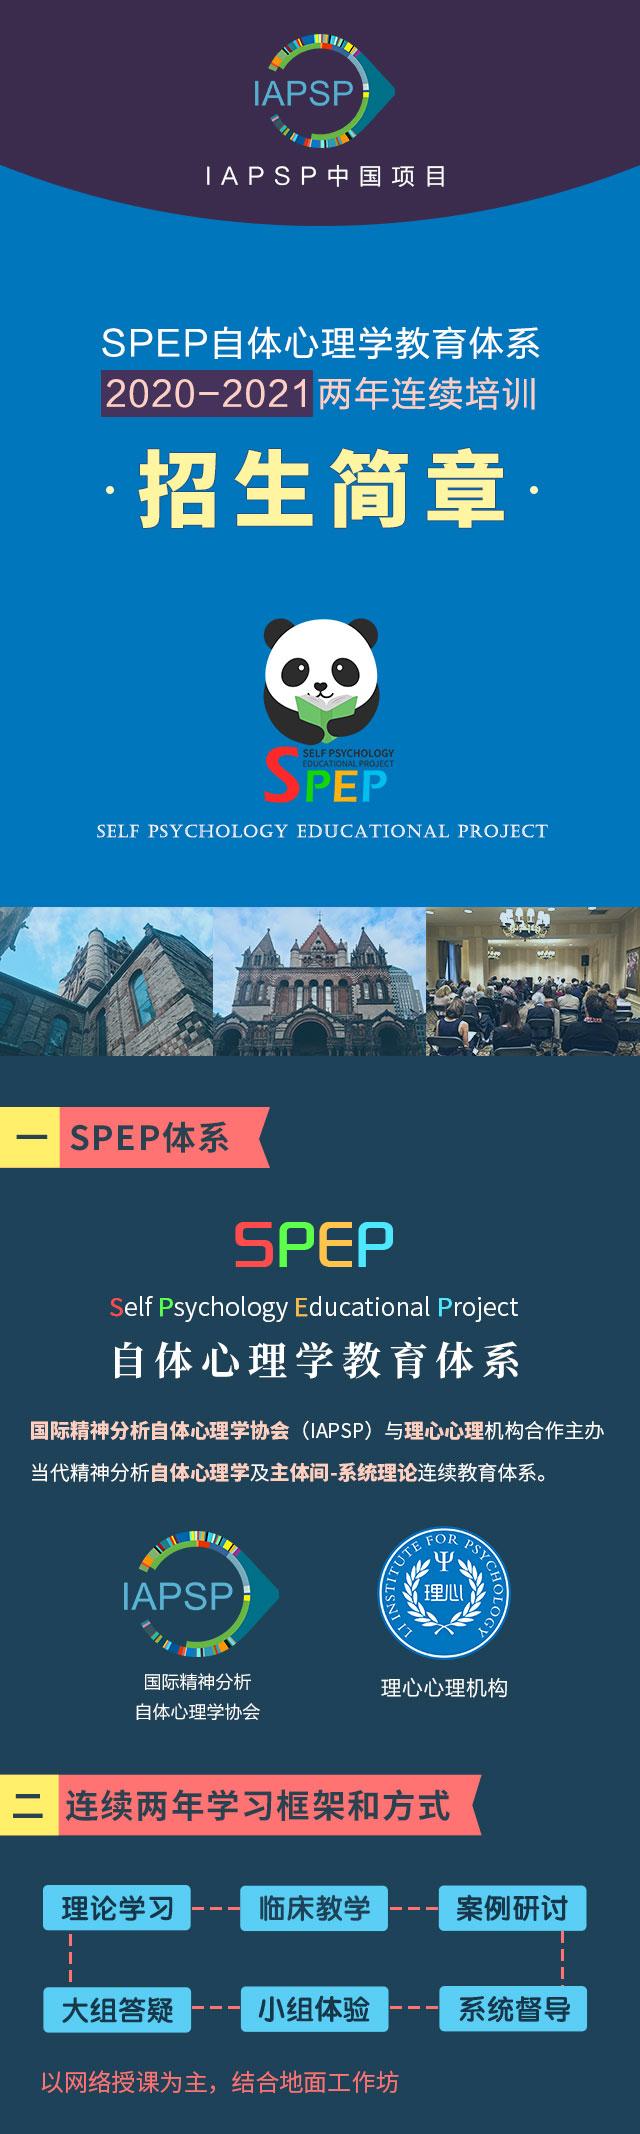 IAPSP中国项目 SPEP自体心理学教育体系 2020-2021两年连续培训招生简章